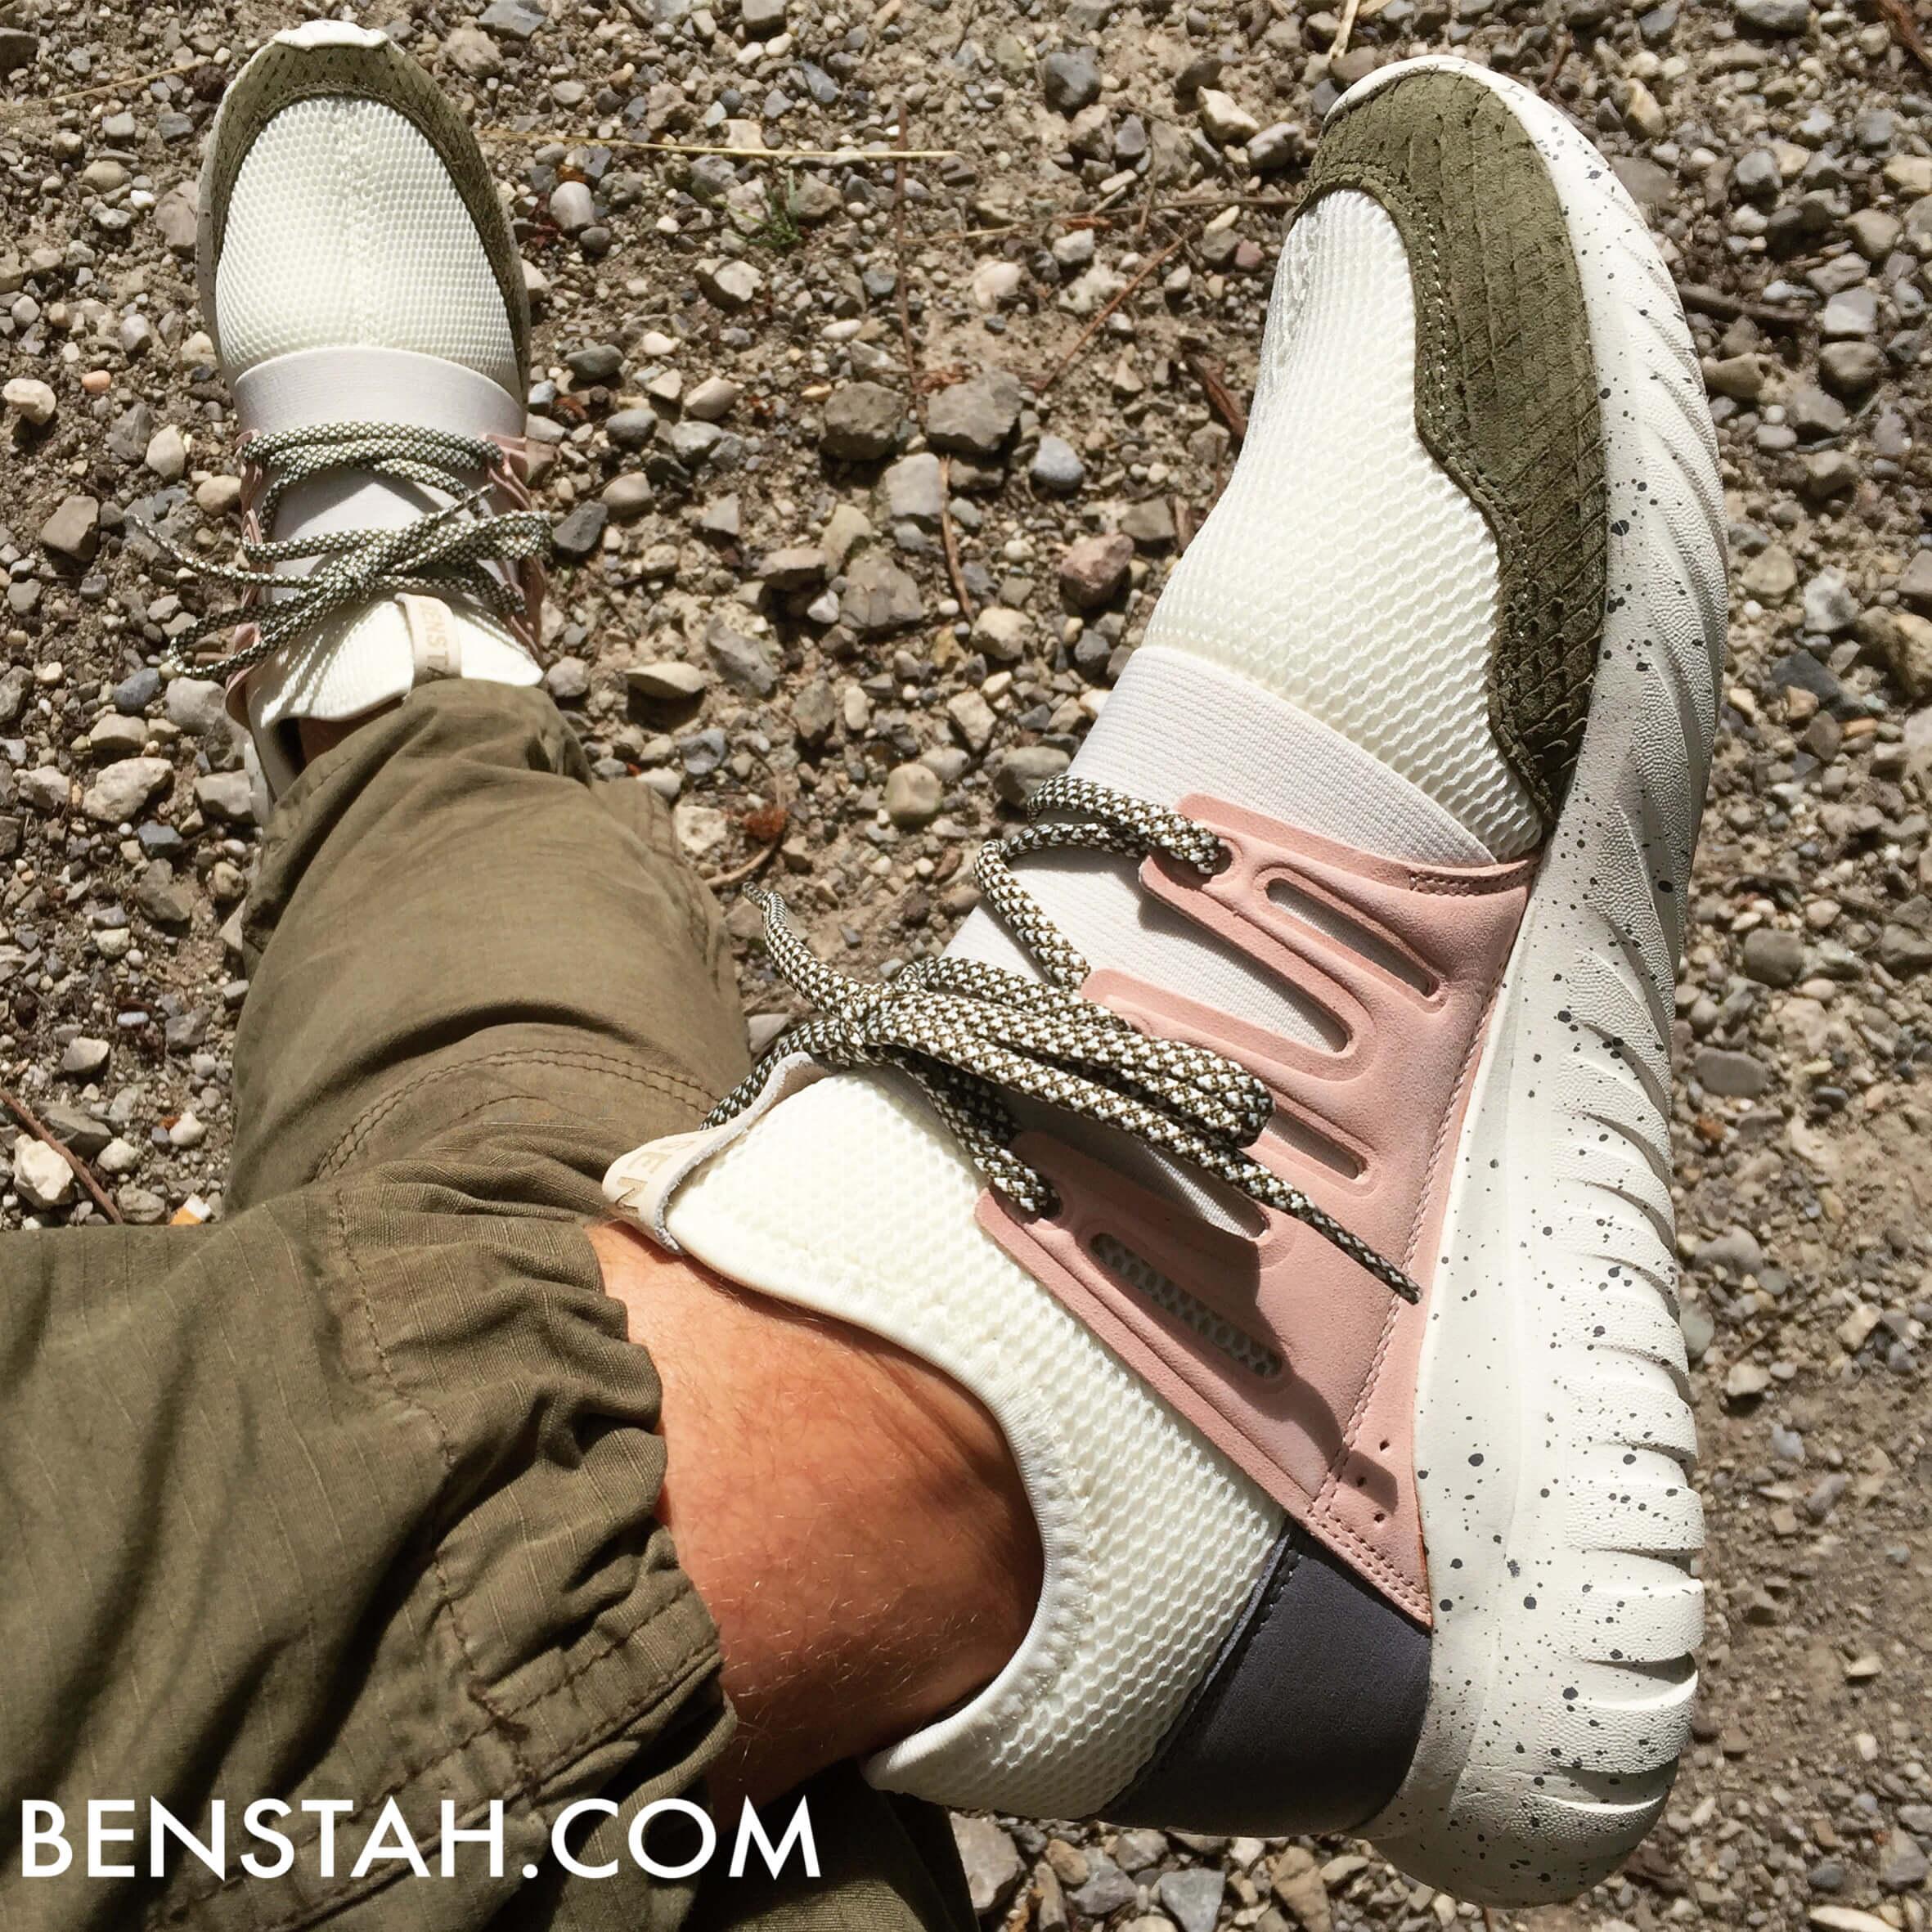 adidas-tubular-radial-top-view-benstah-onfeet